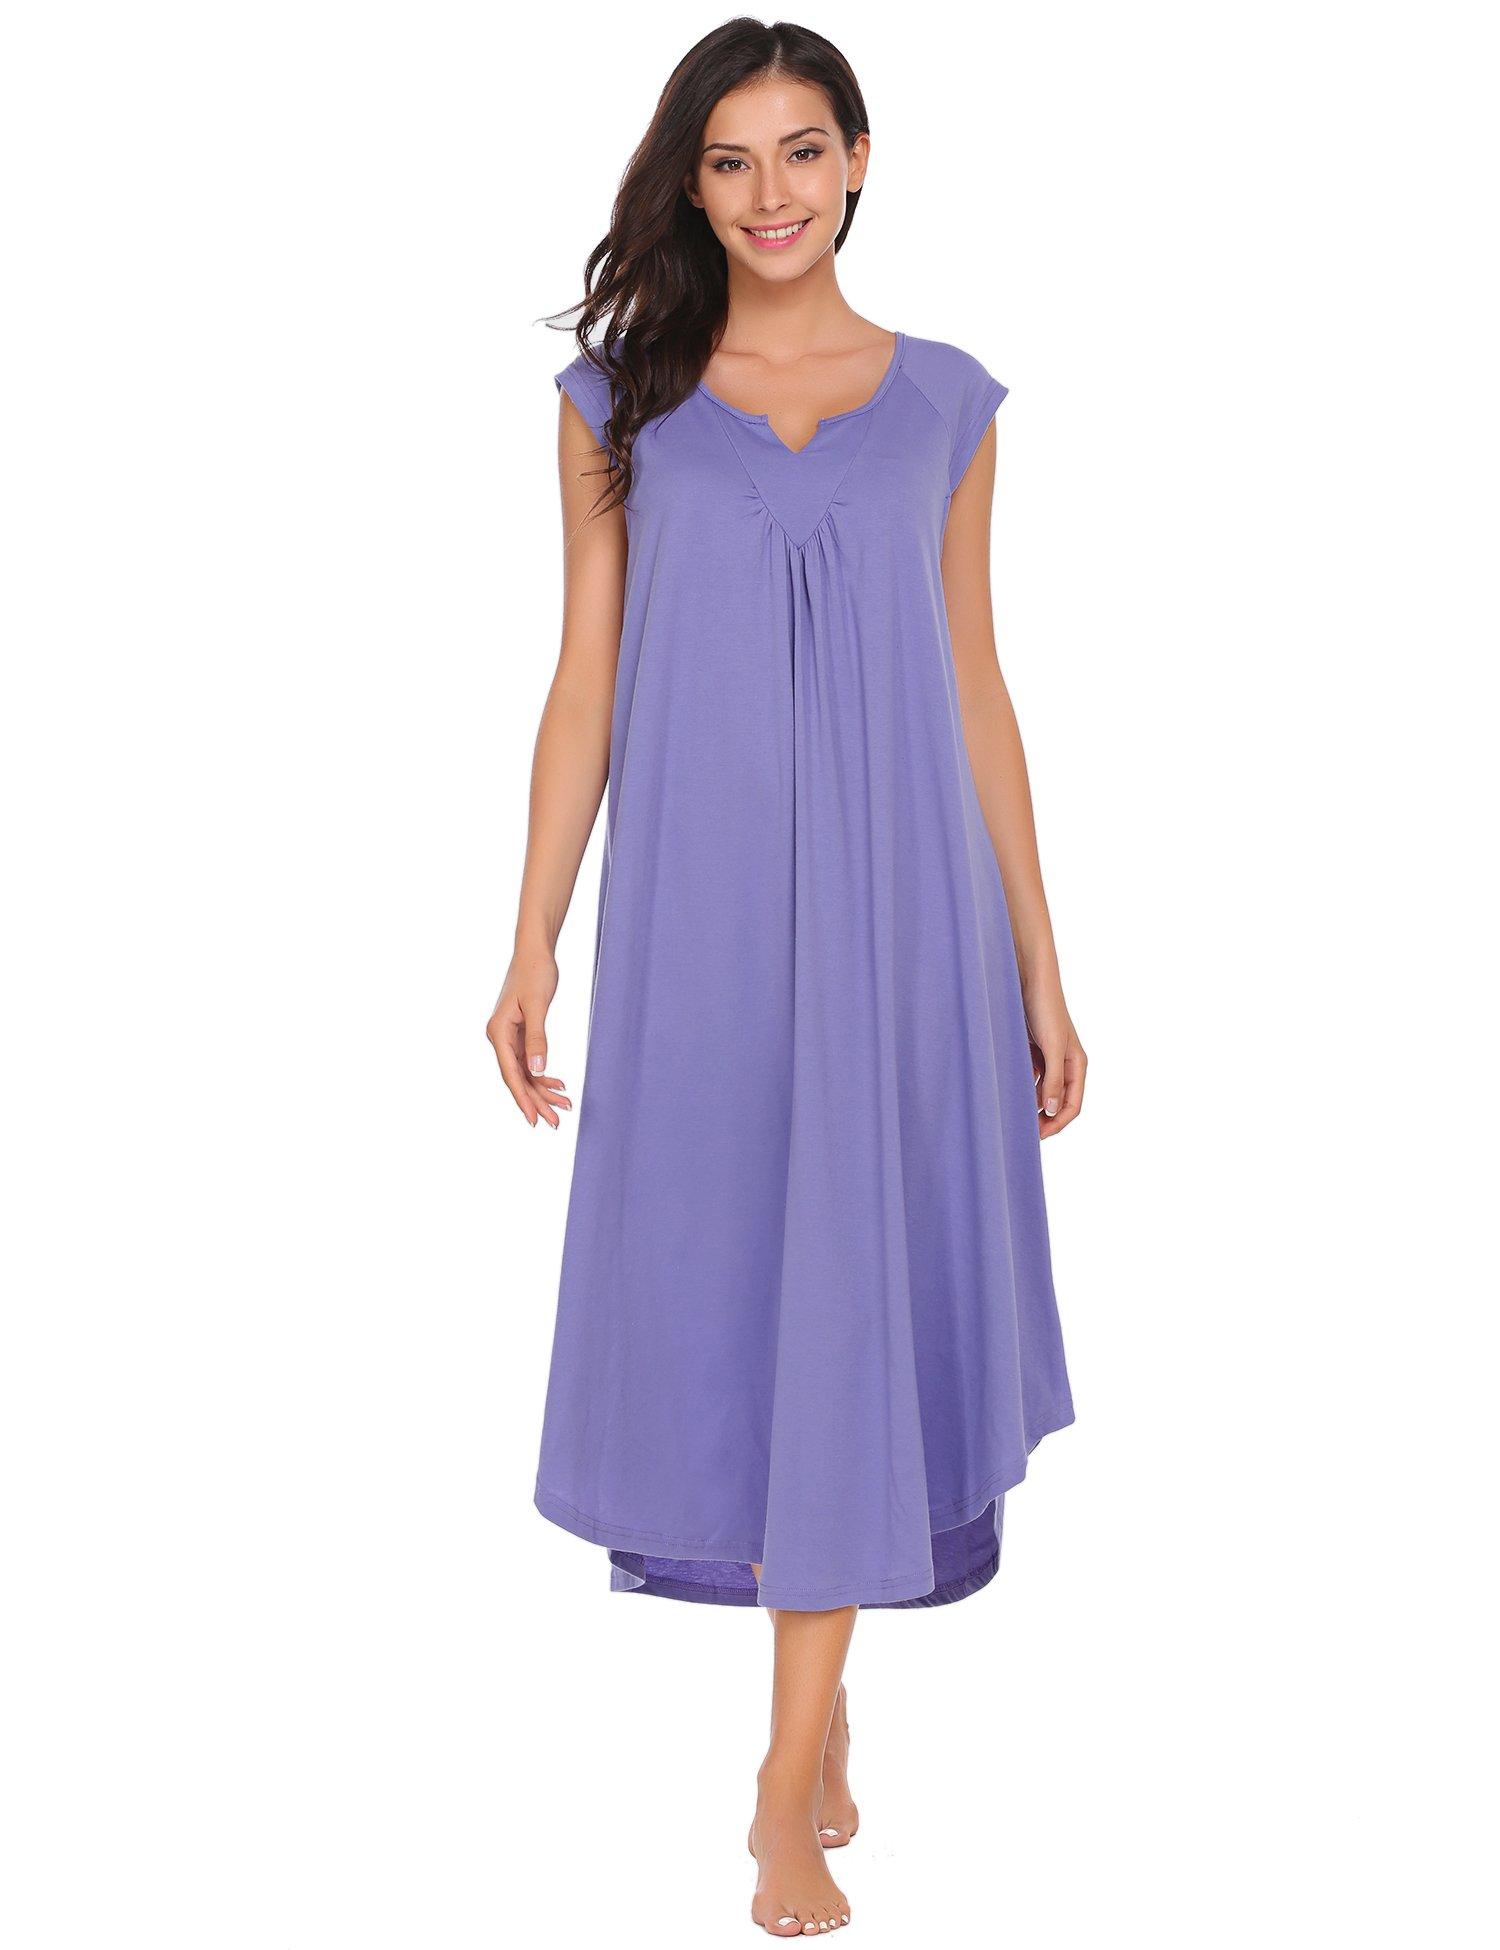 Ekouaer Nightgowns for Women Plus Size Long Loungewear Short Sleeve V Neck Sleepwear Night Dress Summer Lounge Nightwear